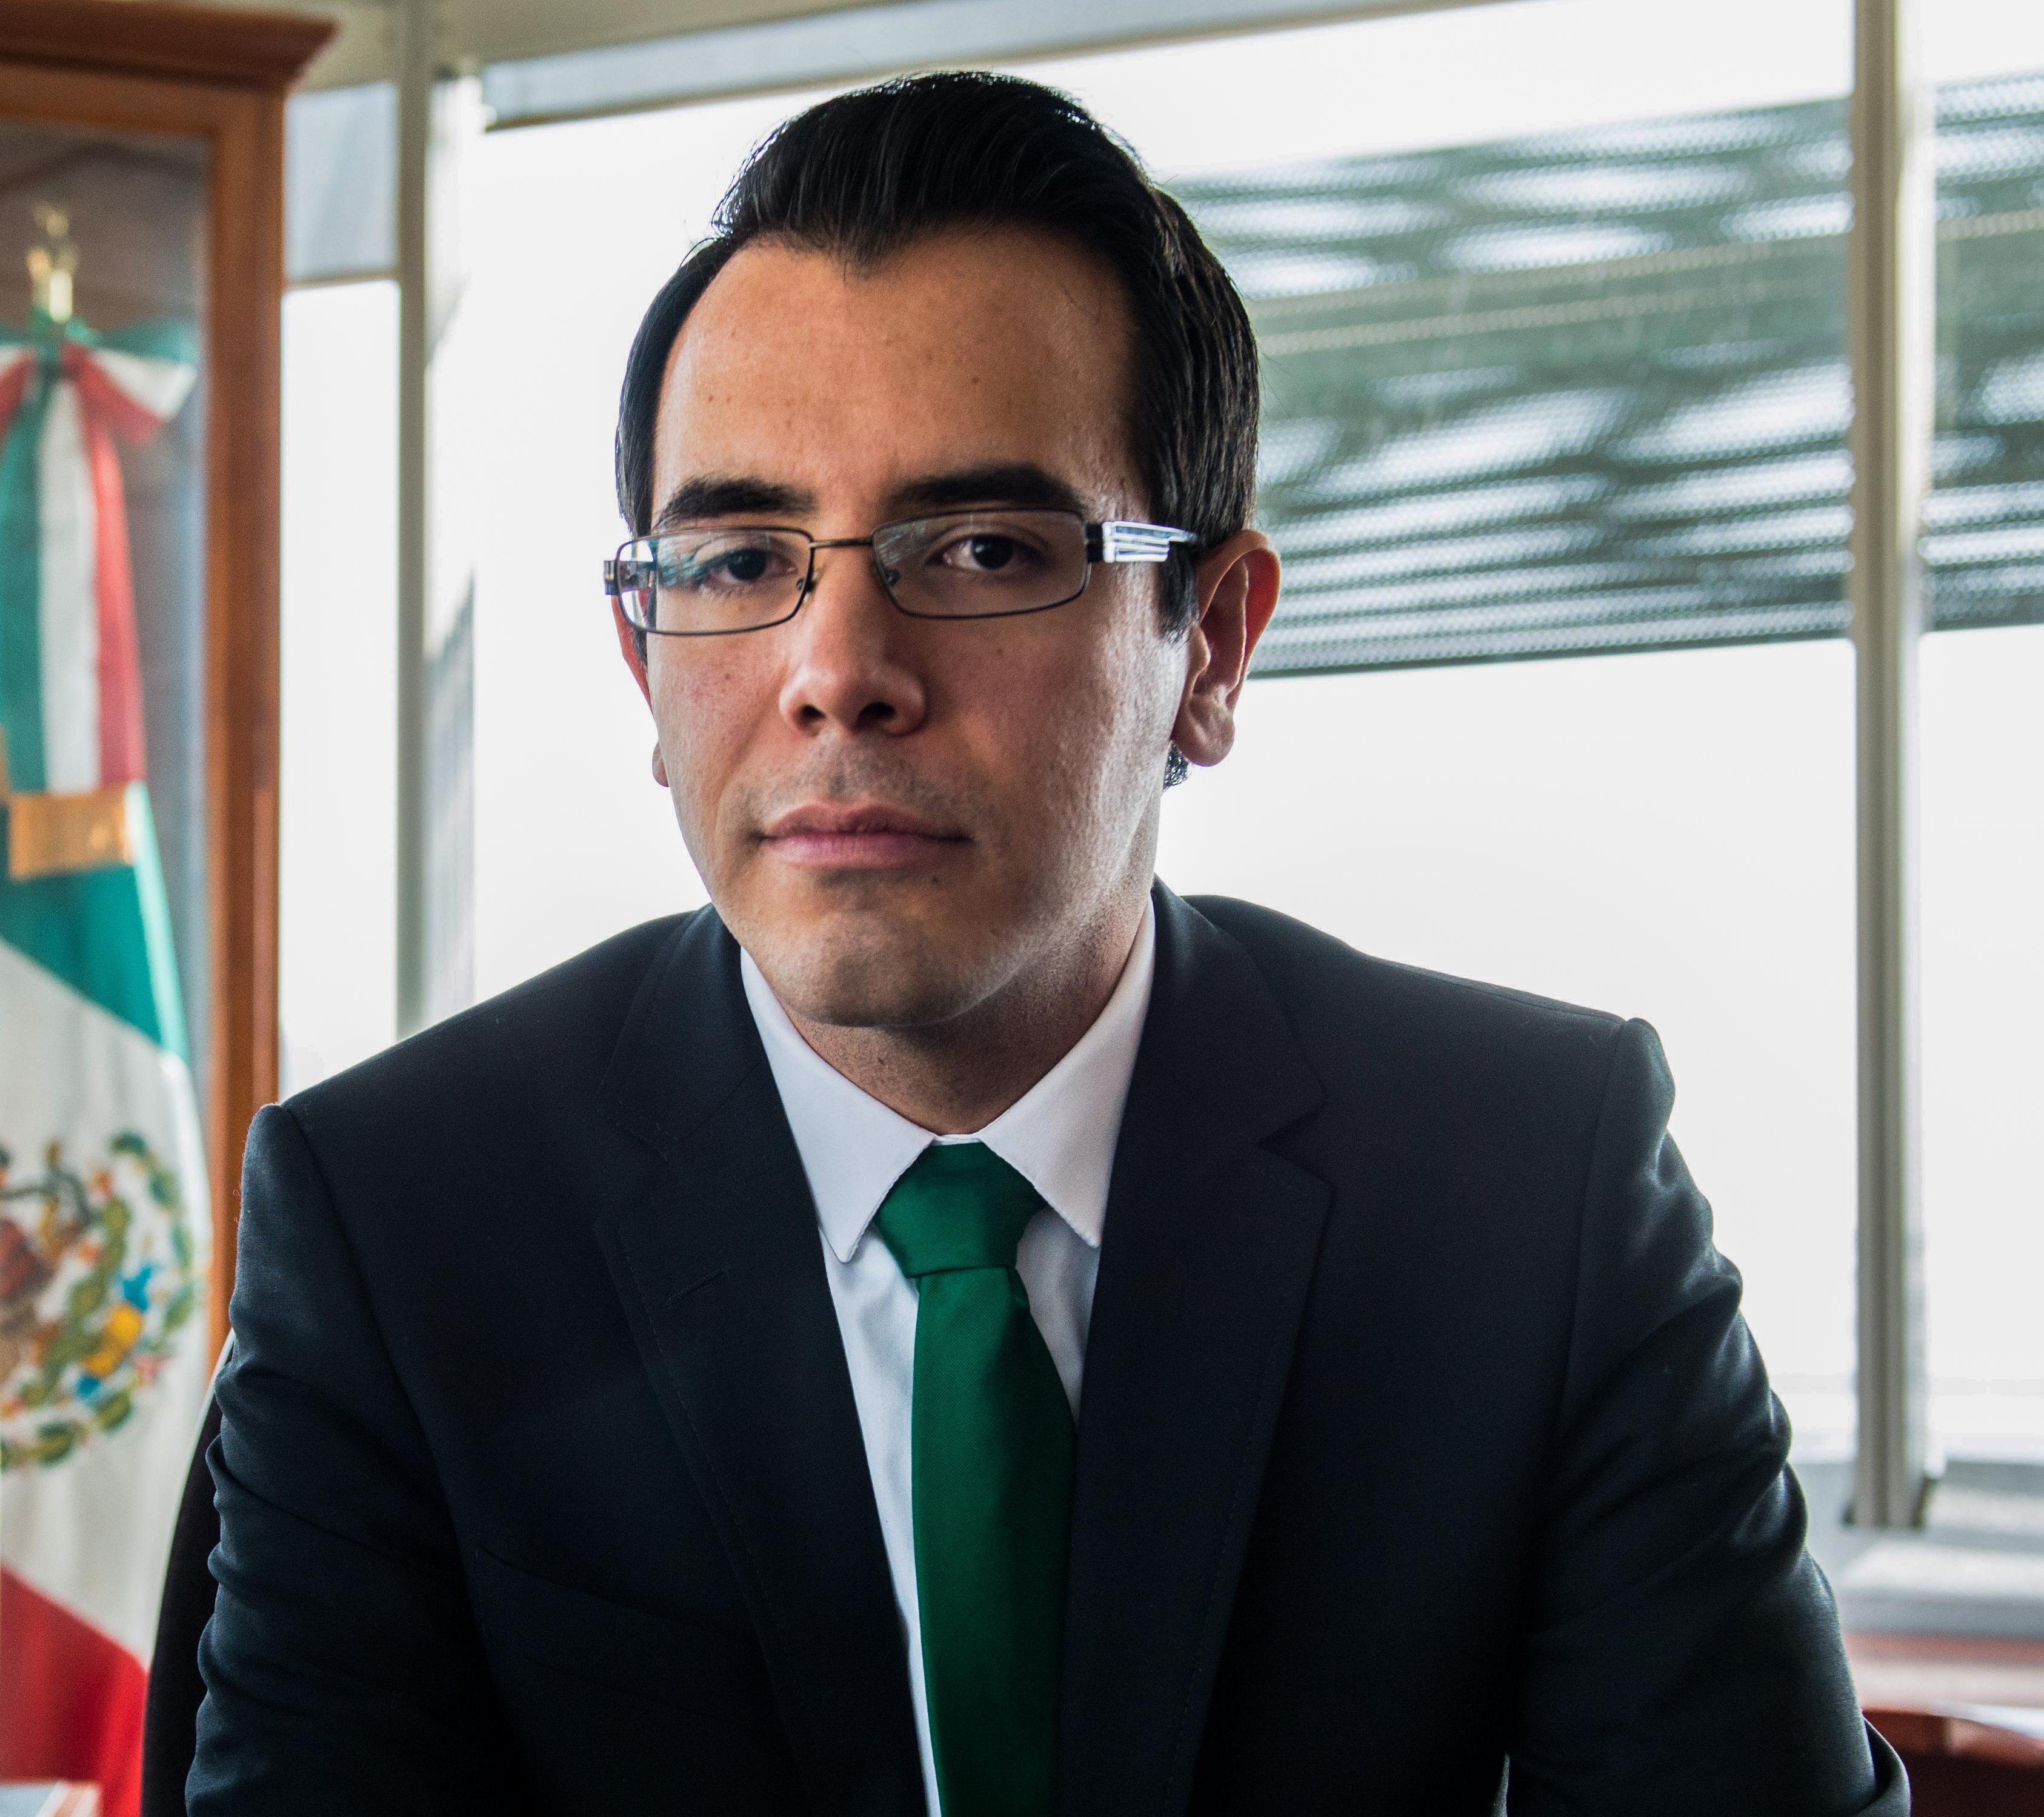 Lic. Fernando Zendejas Reyes, Subsecretario de Electricidad.